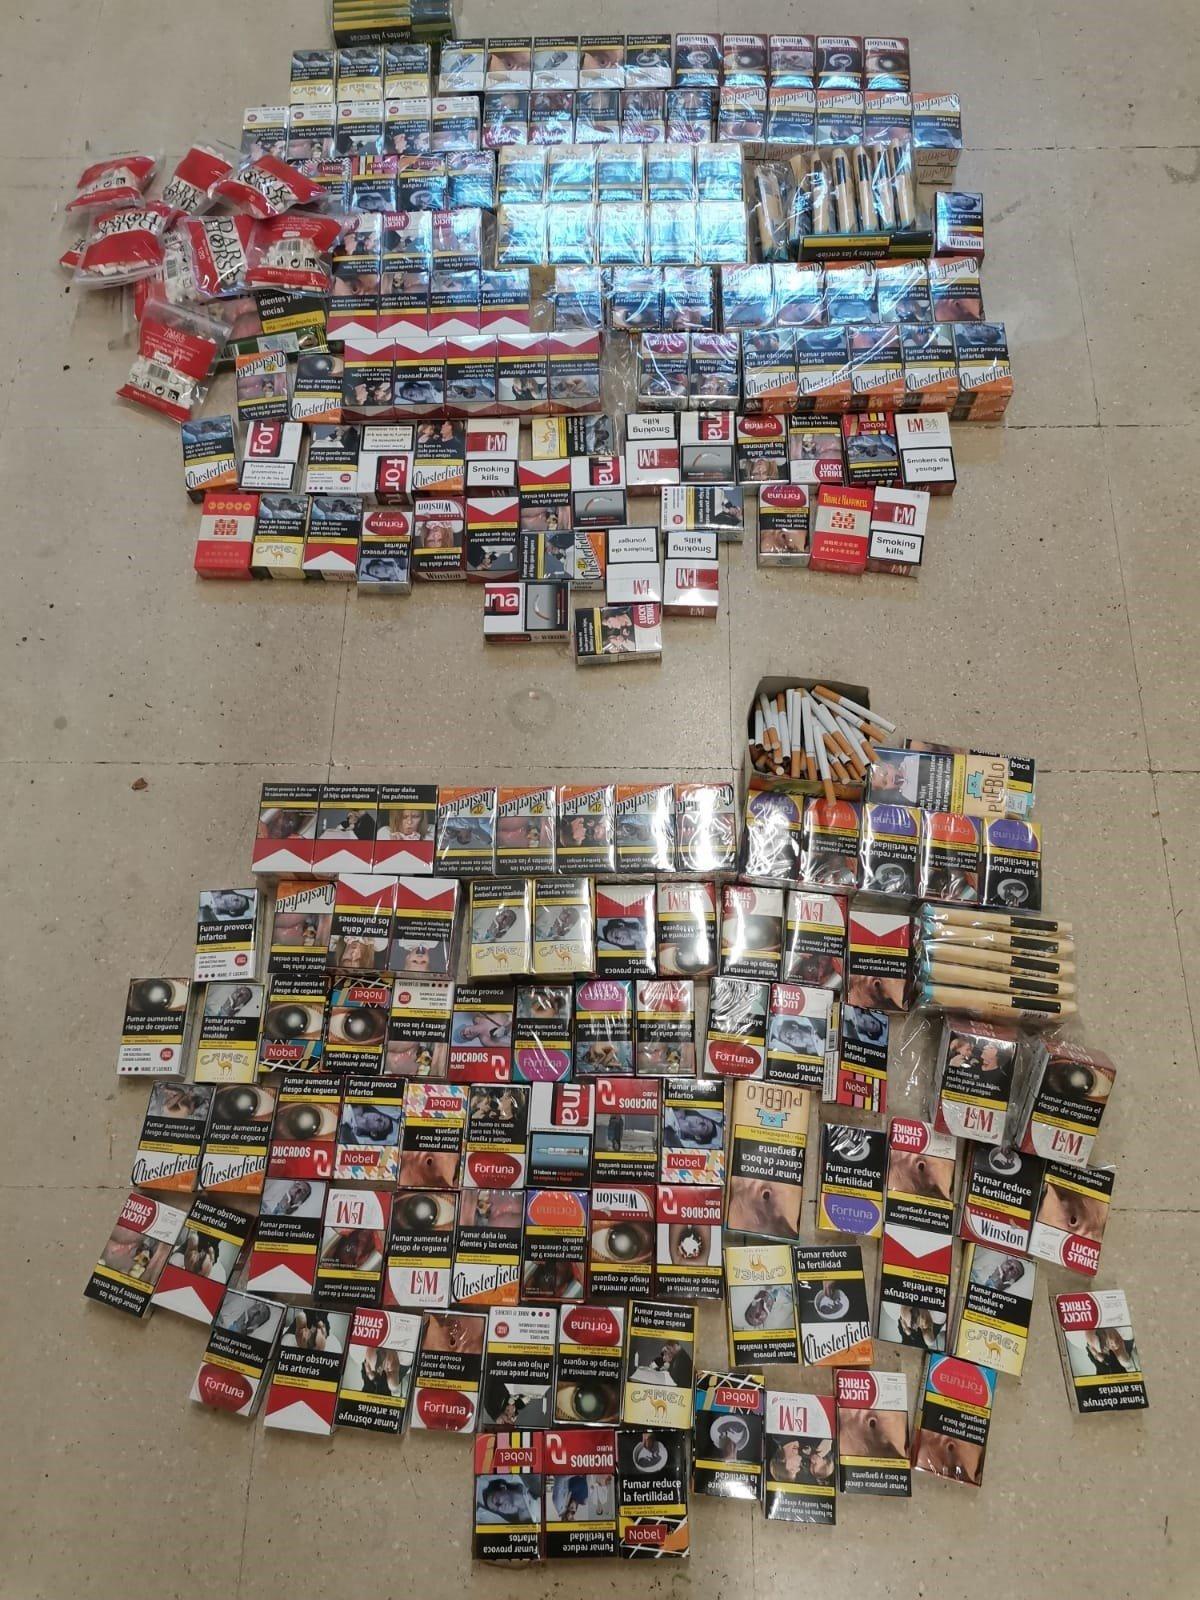 Incautados más de 280 paquetes de cigarrillos que se vendían sueltos en tiendas sin licencia